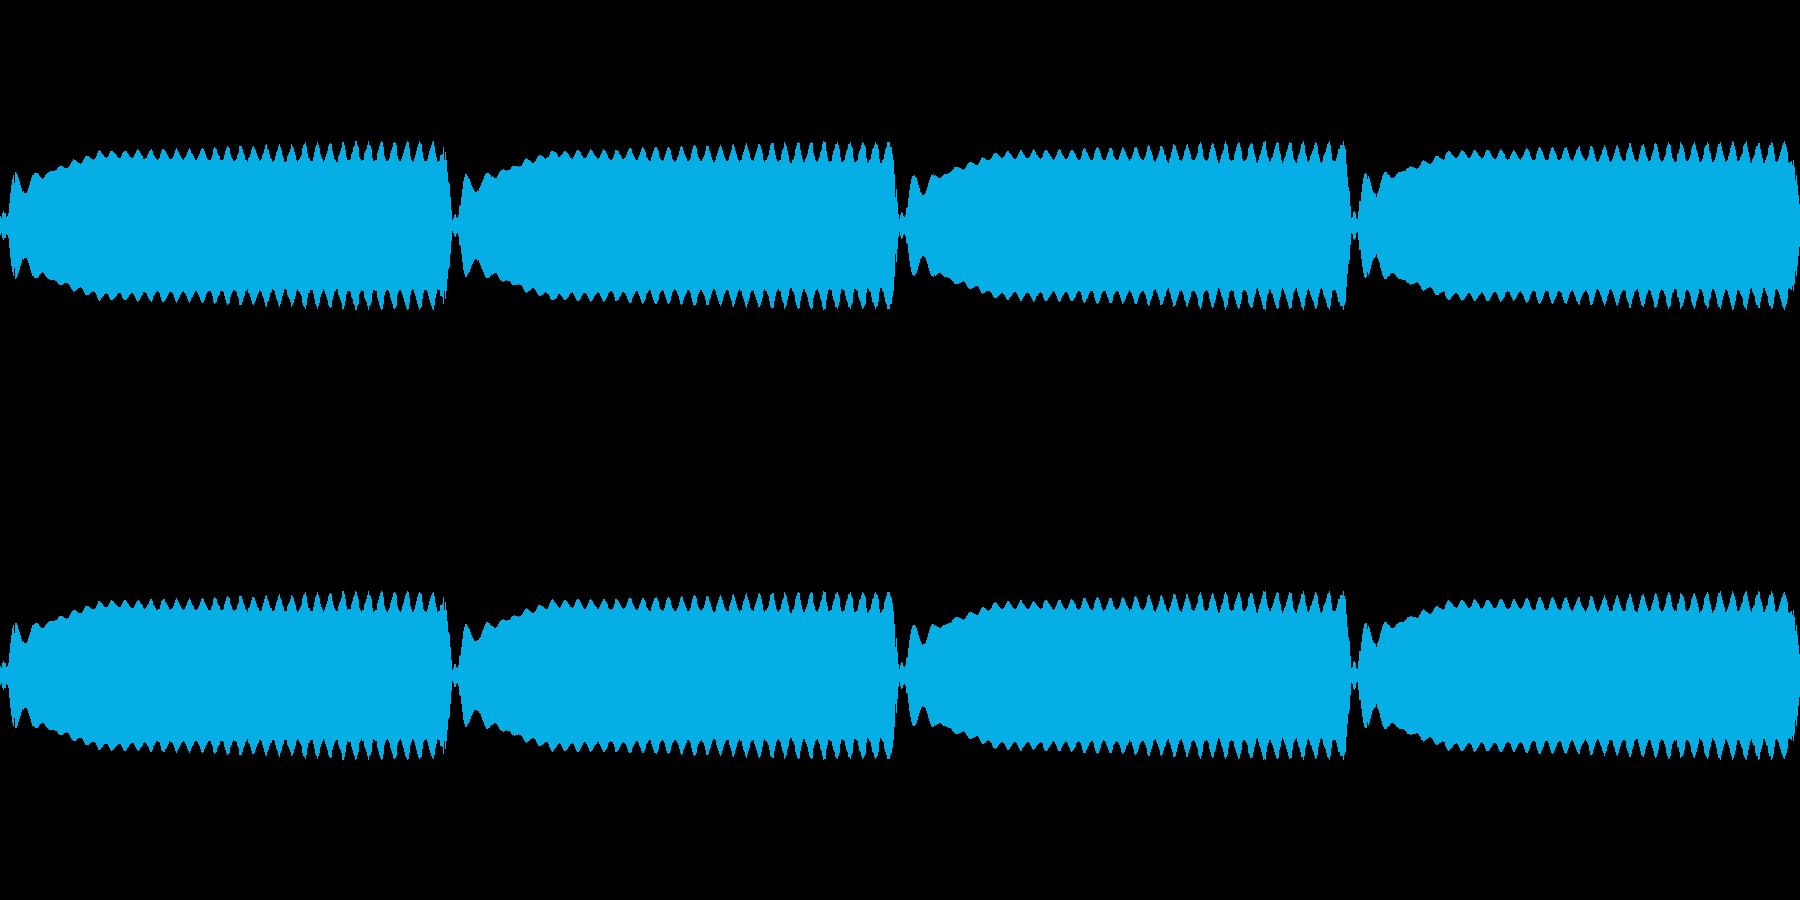 【サイレン01-4L】の再生済みの波形